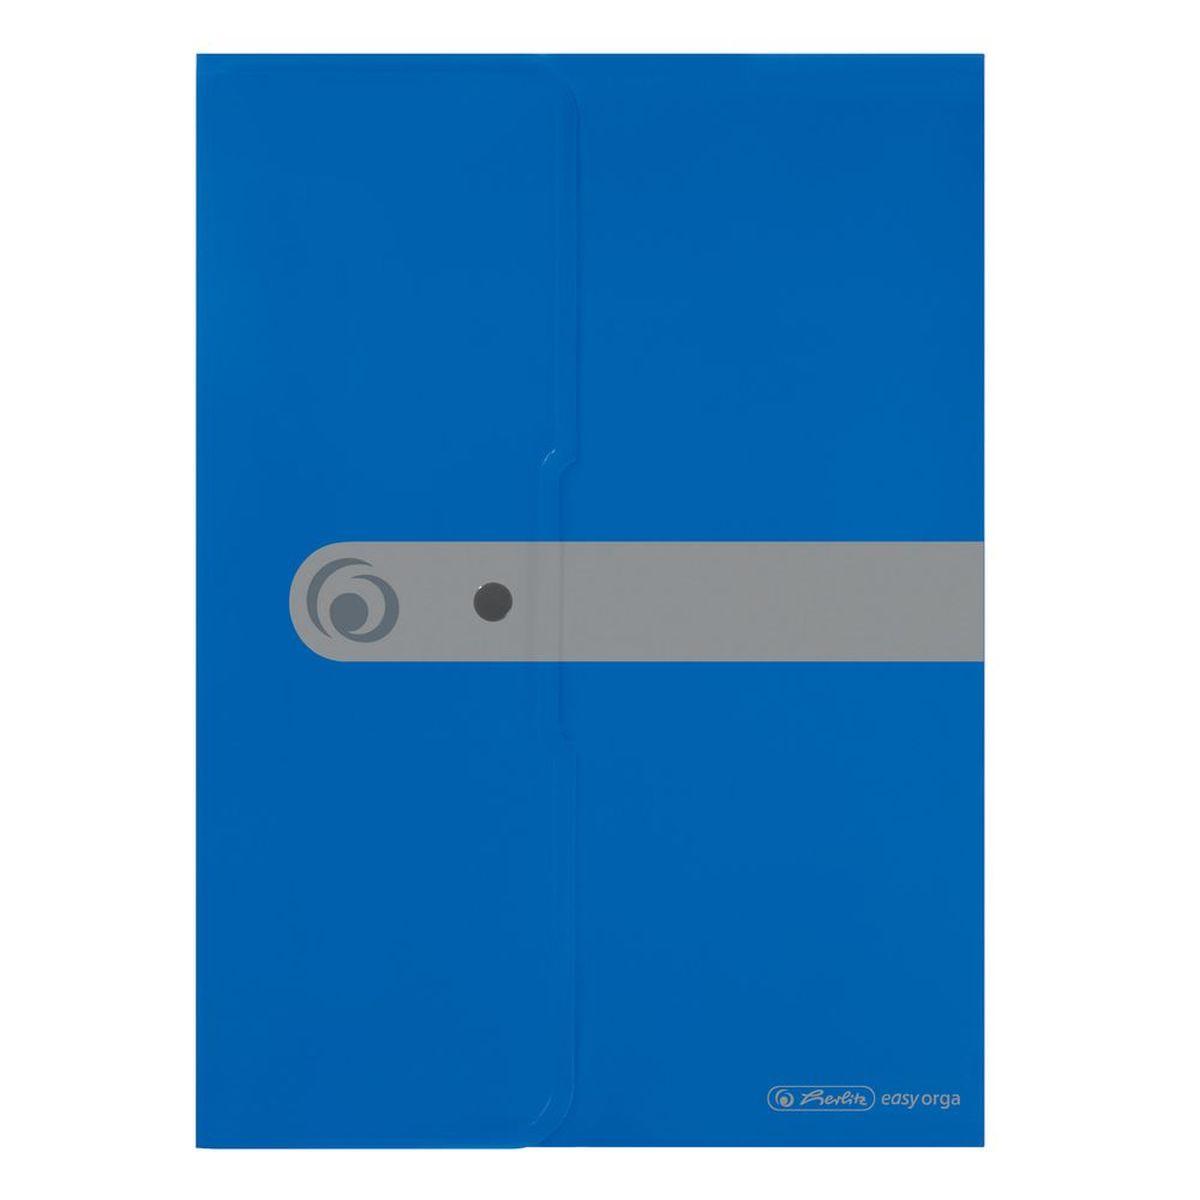 Herlitz Папка-конверт Easy orga формат A4 цвет синий11206703Папка-конверт для документов Herlitz Easy orga станет вашим верным помощником дома и в офисе.Это удобный и функциональный инструмент, предназначенный для хранения и транспортировки больших объемов рабочих бумаг и документов формата А4. Папка изготовлена из качественного полипропилена. Состоит из одного вместительного отделения. Закрывается папка просто и удобно - при помощи кнопки, которая ее надежно фиксирует.Папка - это незаменимый атрибут для любого студента, школьника или офисного работника. Такая папка надежно сохранит ваши бумаги и сбережет их от повреждений, пыли и влаги.